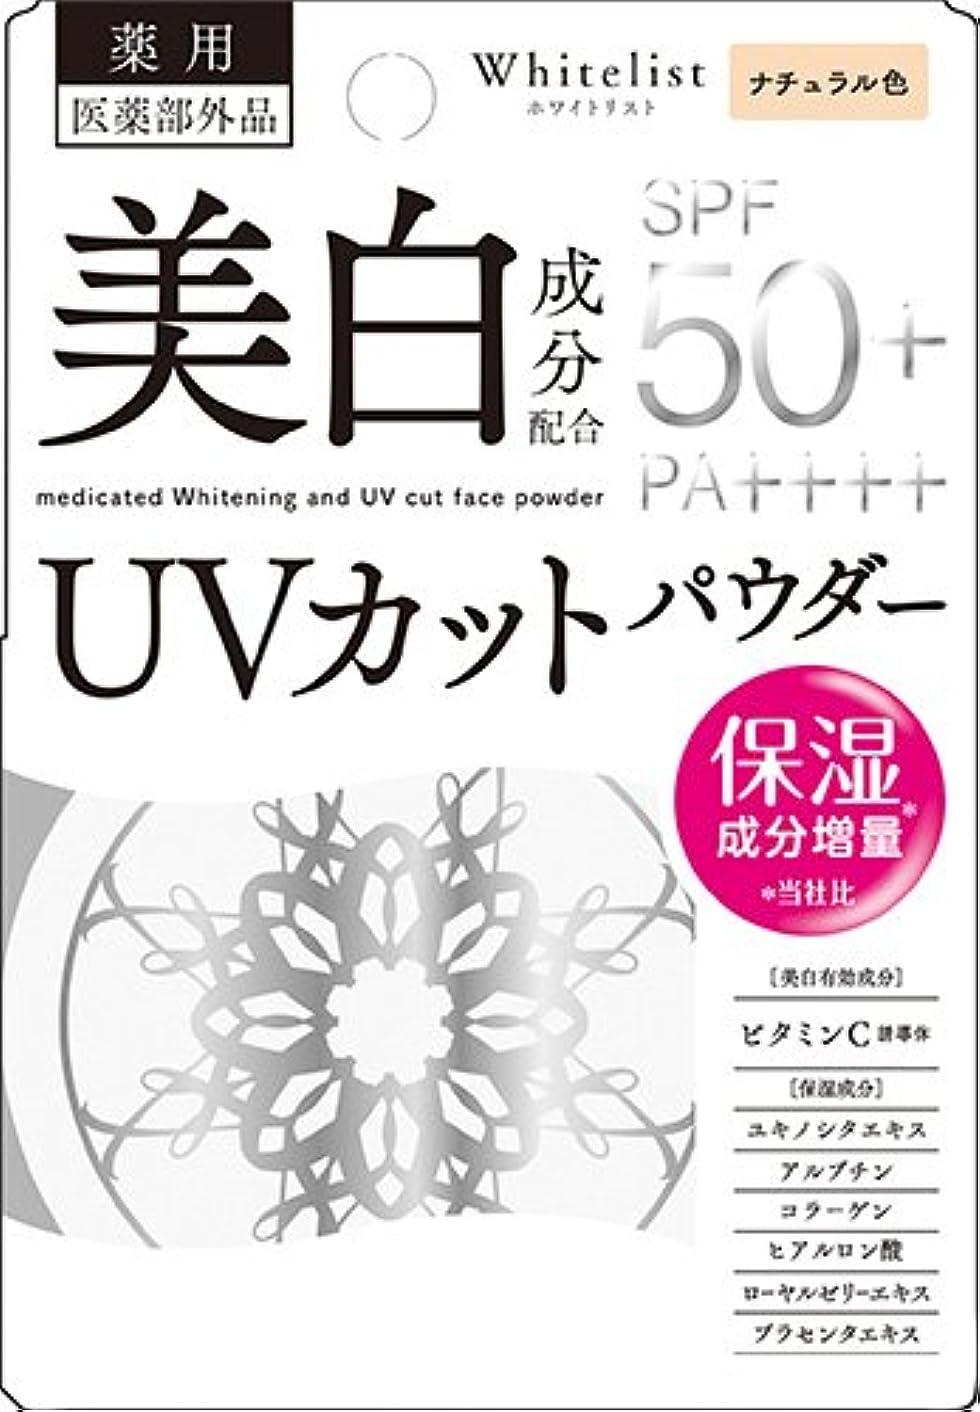 わざわざ検査チョークNUPホワイトリスト 薬用ホワイトニングUVカットパウダーEX (SPF50+ PA++++) 9g